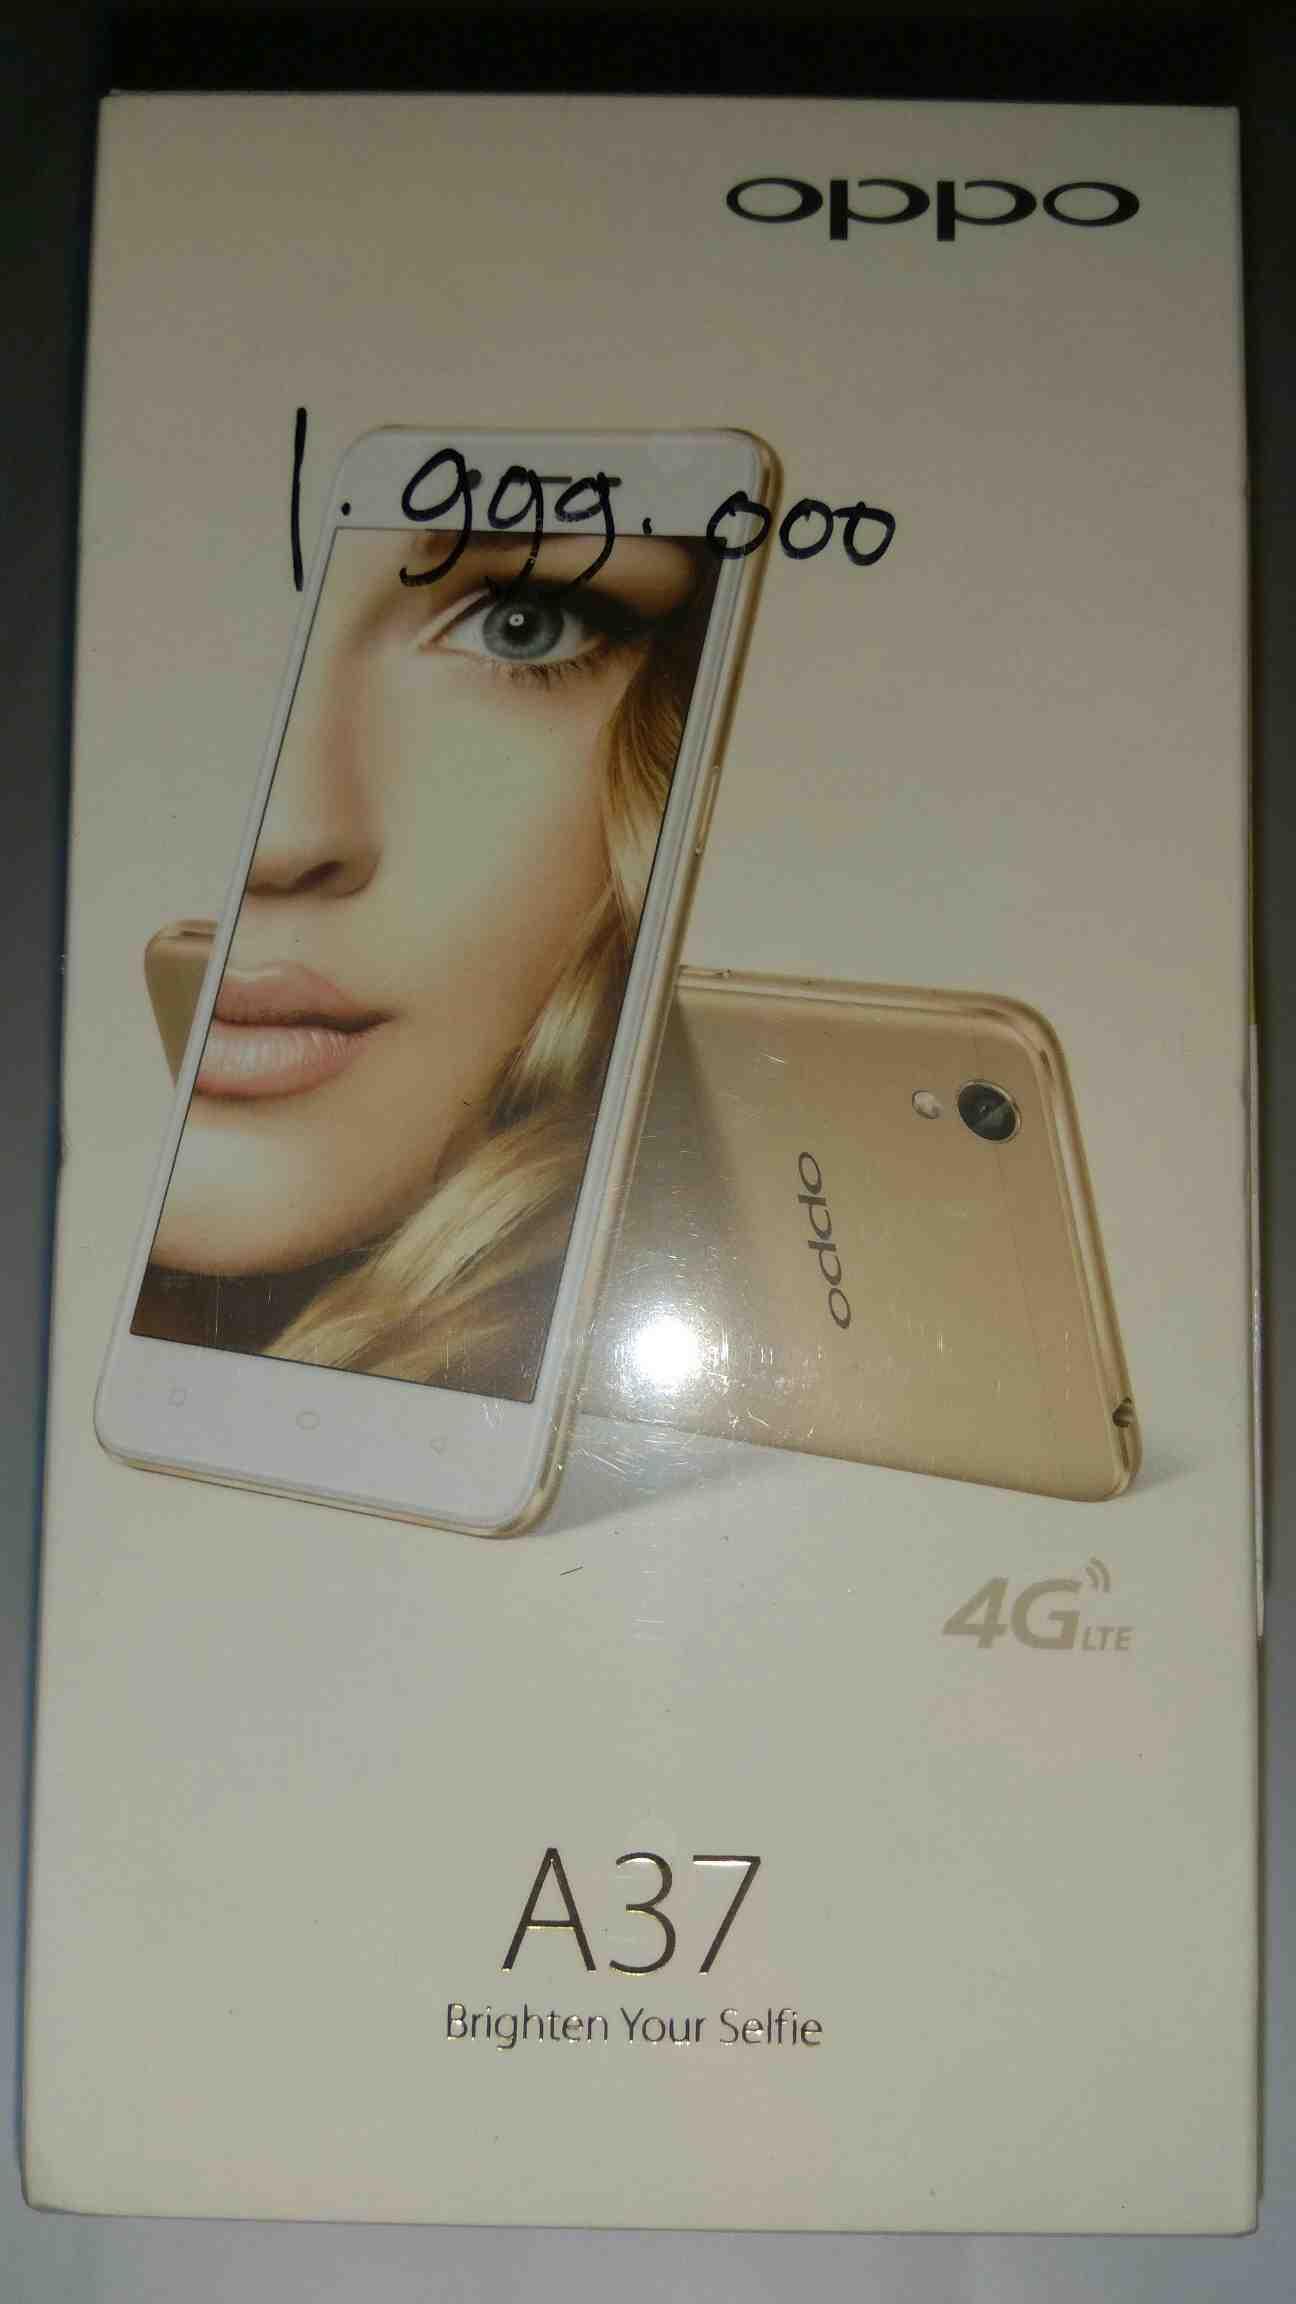 Foto: Oppo A37 4G LTE